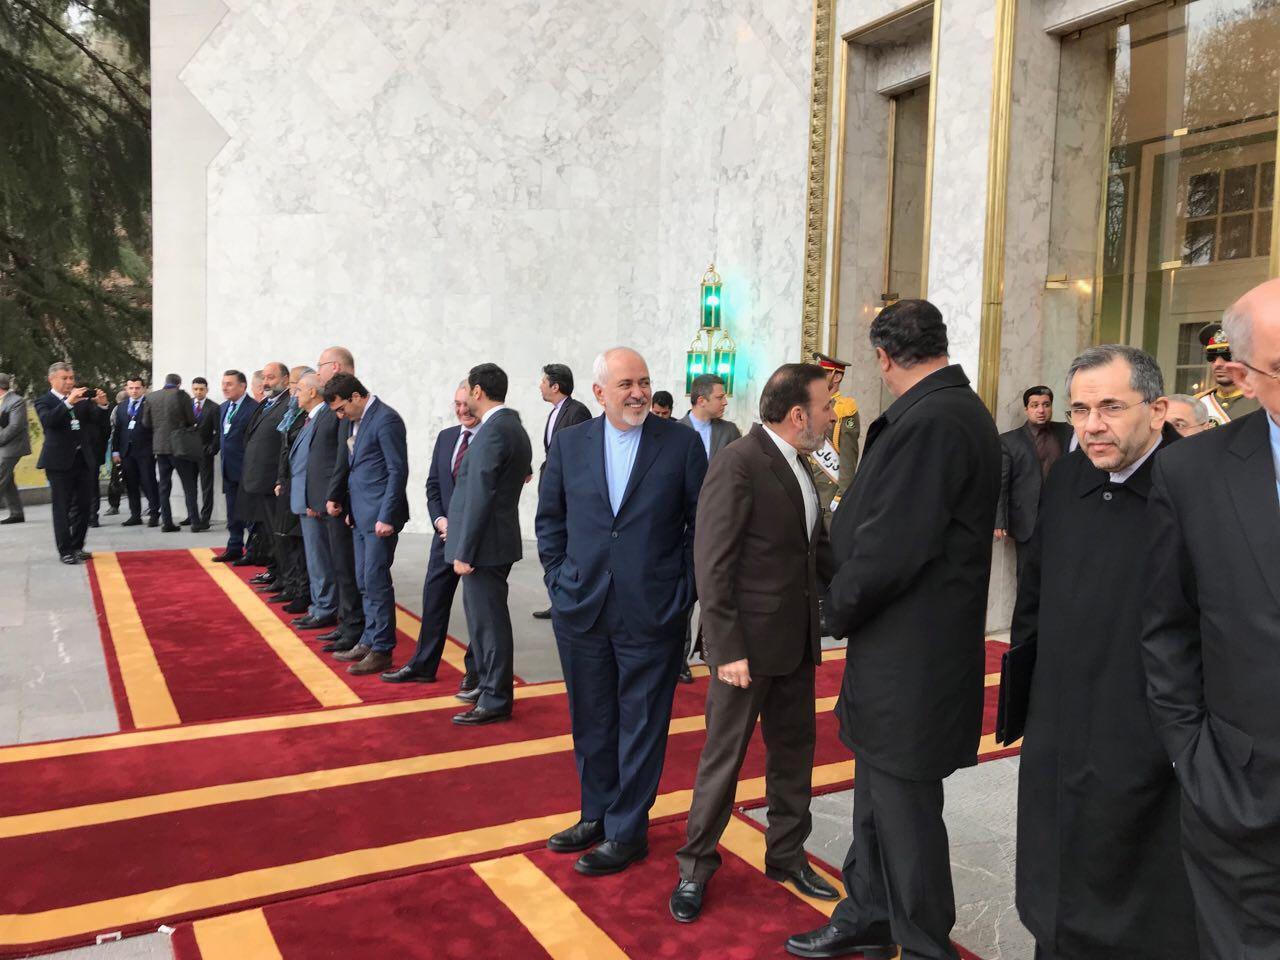 ظریف به وزارت خارجه بازگشت / حضور در مراسم رسمی استقبال از نخست وزیر ارمنستان